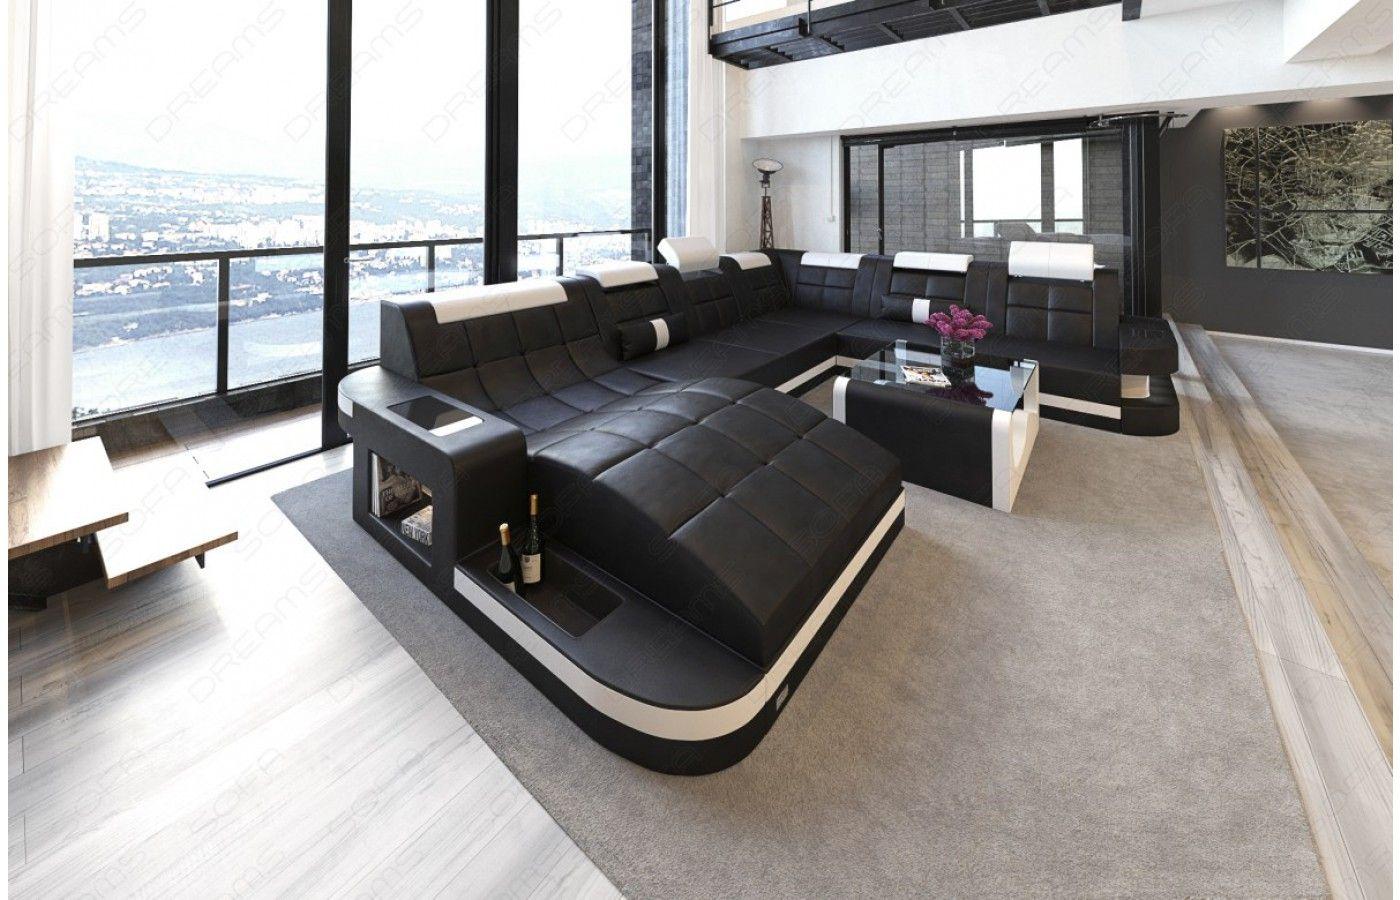 xxl wohnlandschaft wave leder in 2019 design wohnlandschaft wave xl mit led pinterest. Black Bedroom Furniture Sets. Home Design Ideas